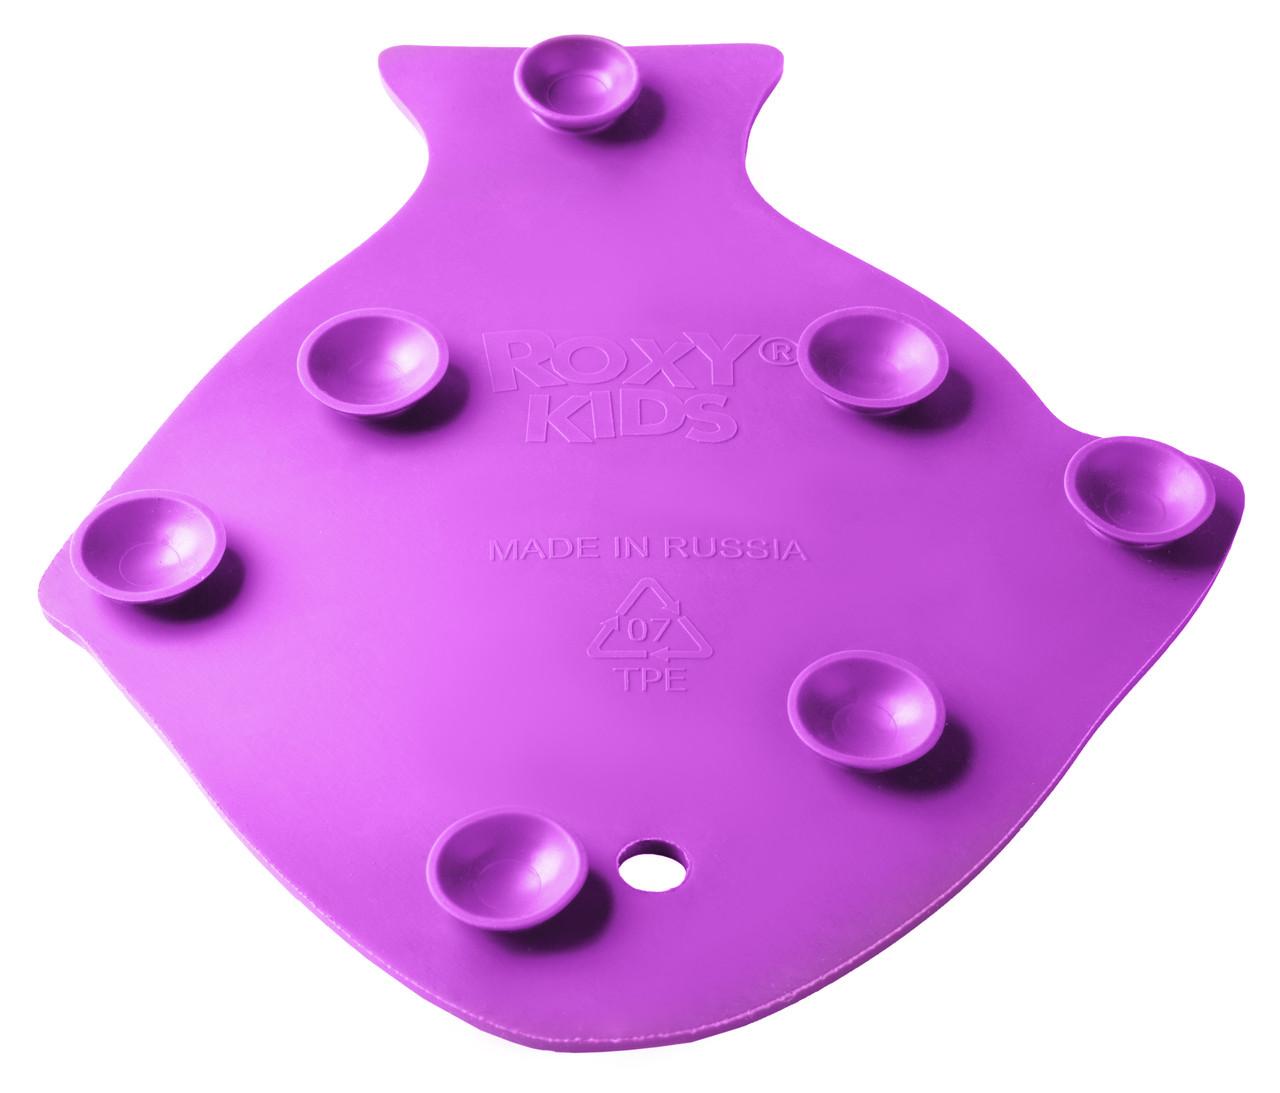 Антискользящие мини-коврики ROXY-KIDS для ванны. Цвета в ассортименте. 12 шт. - фото 4